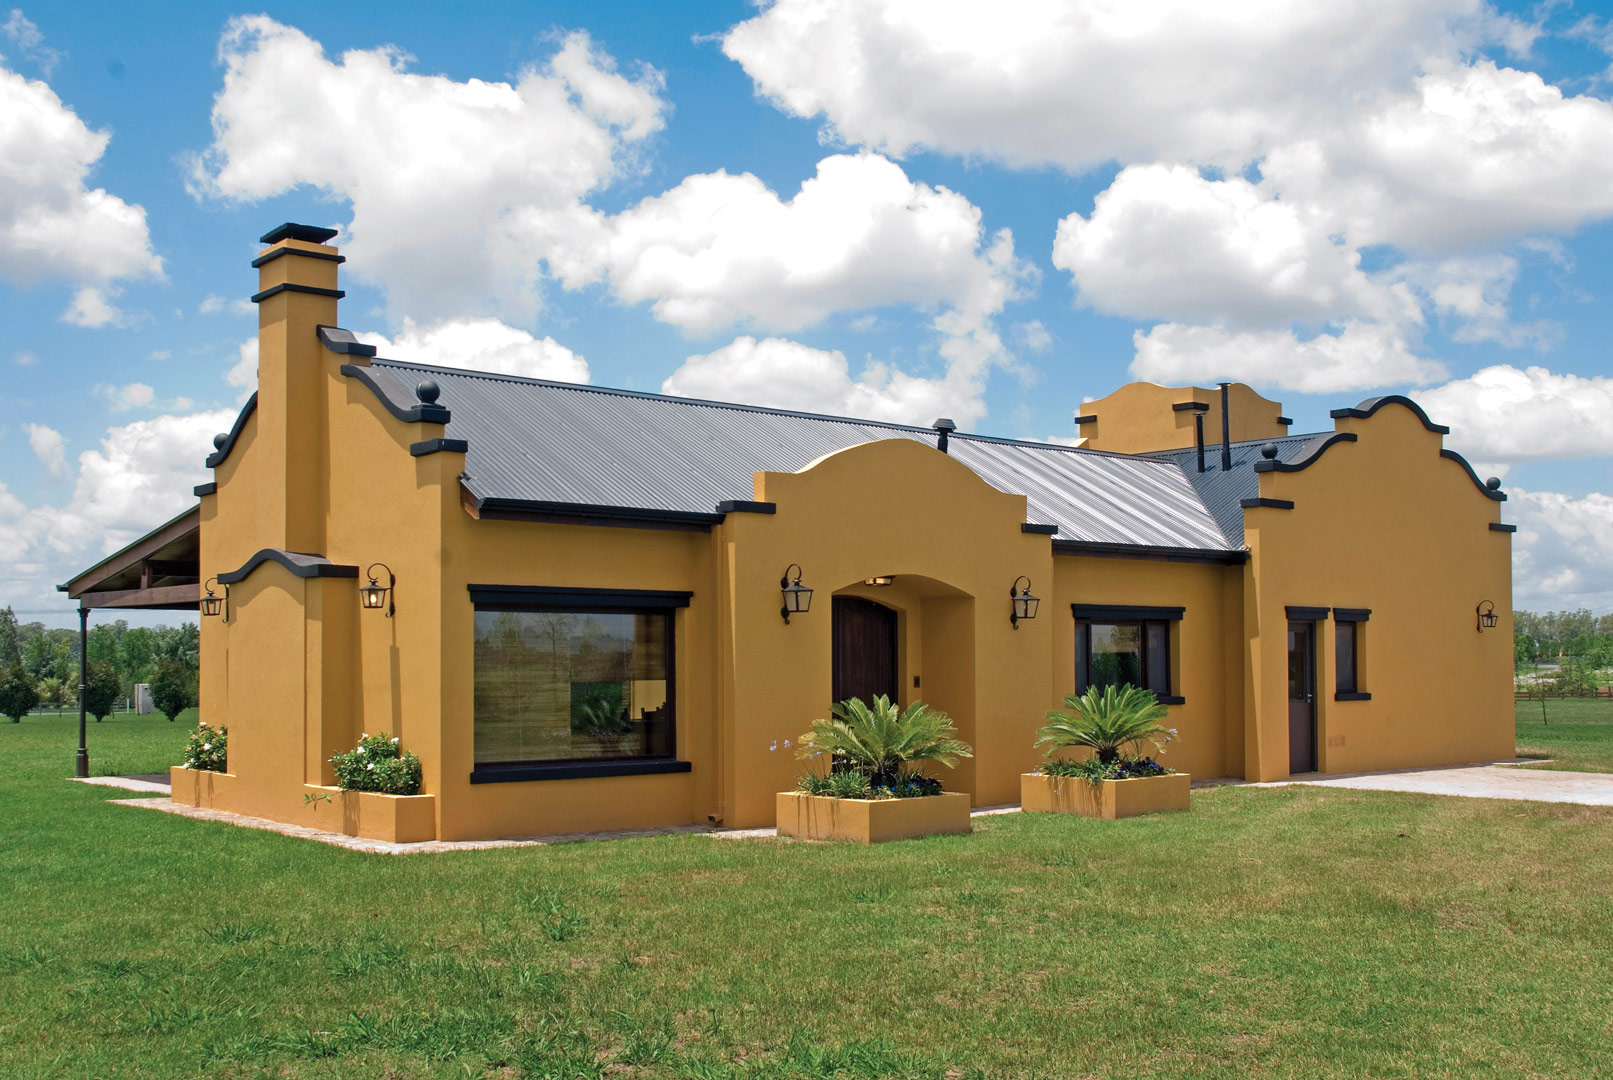 Casa de chacra portal de arquitectos for Estilos de casas arquitectura